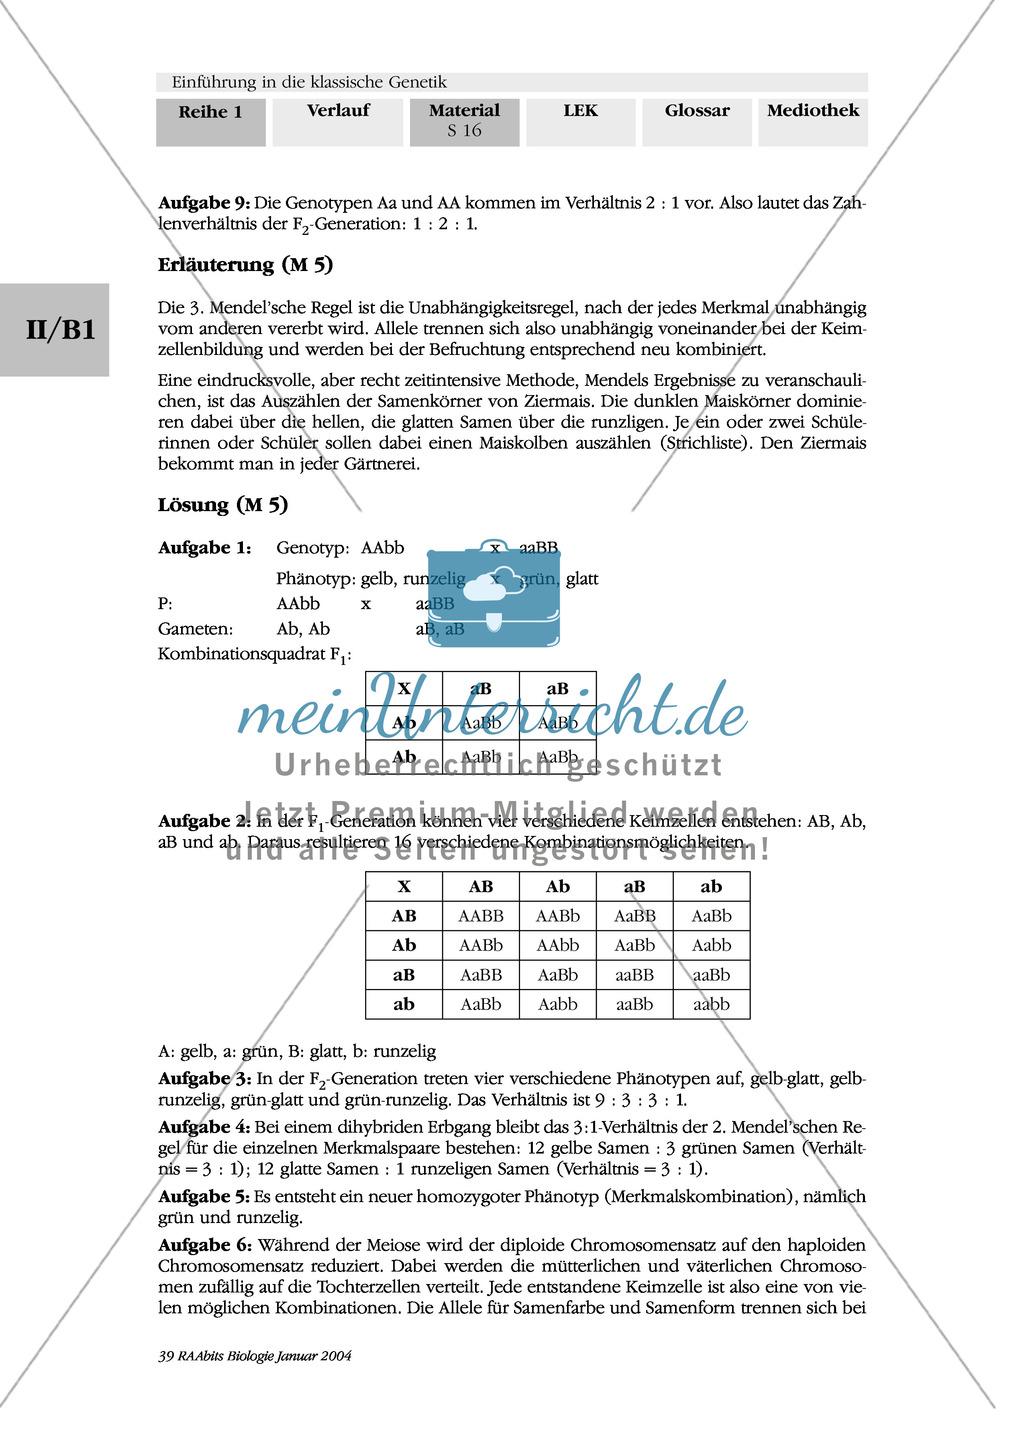 Klassische Genetik: Mendel`sche Regeln - Begriffe, Regeln ...